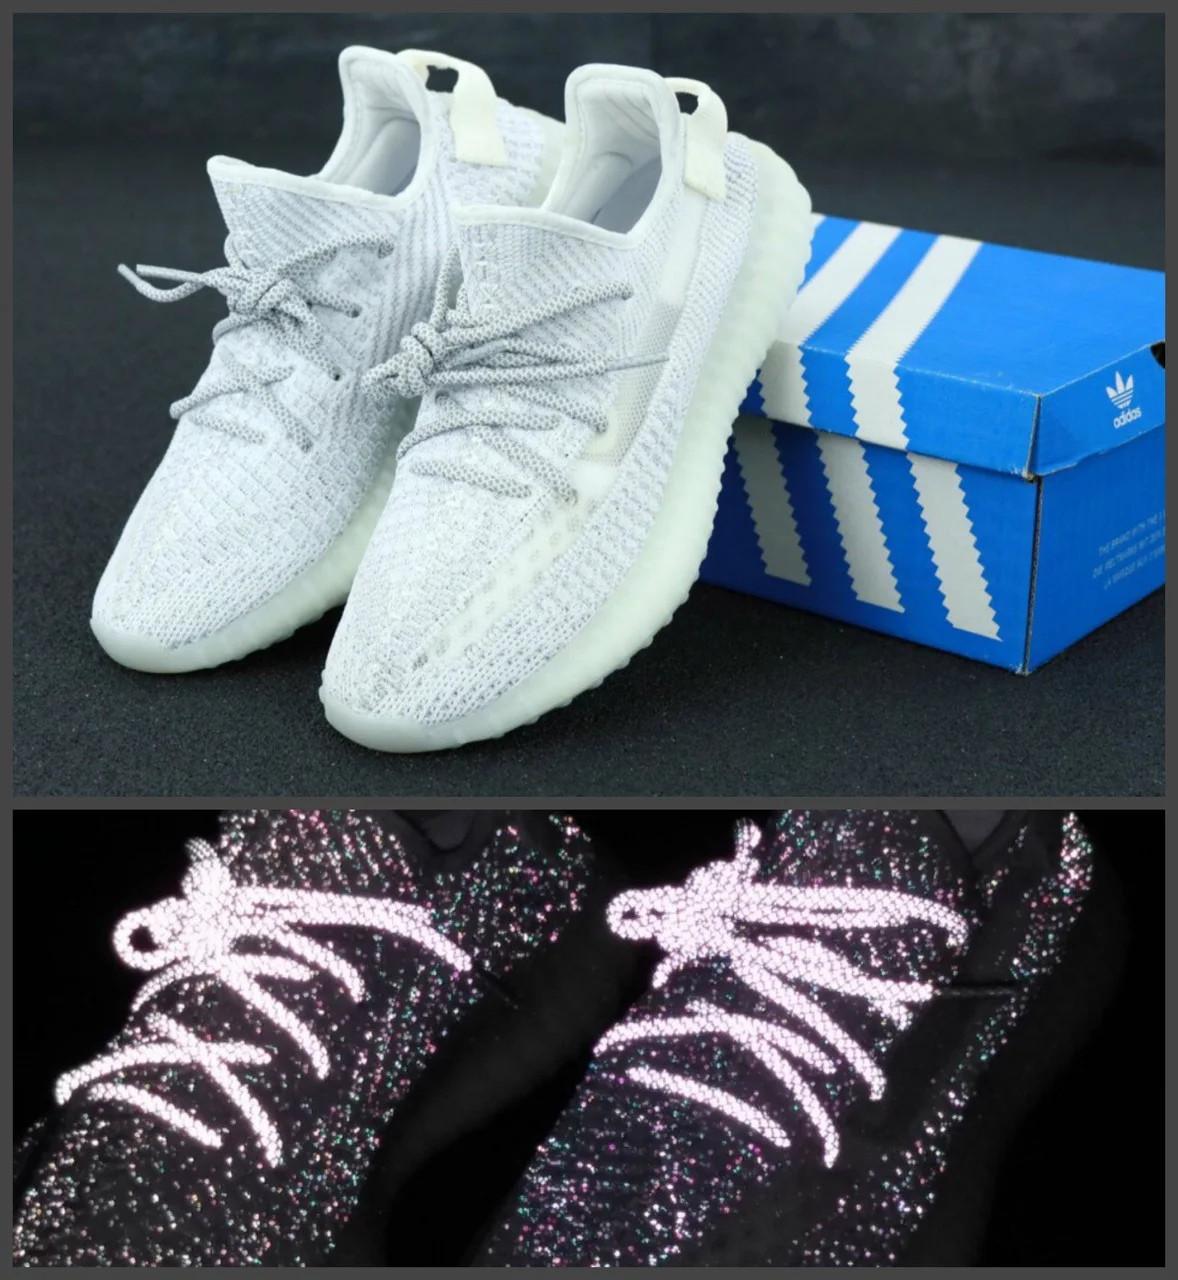 Мужские кроссовки в стиле Adidas Yeezy Boost 350 V2 Reflective